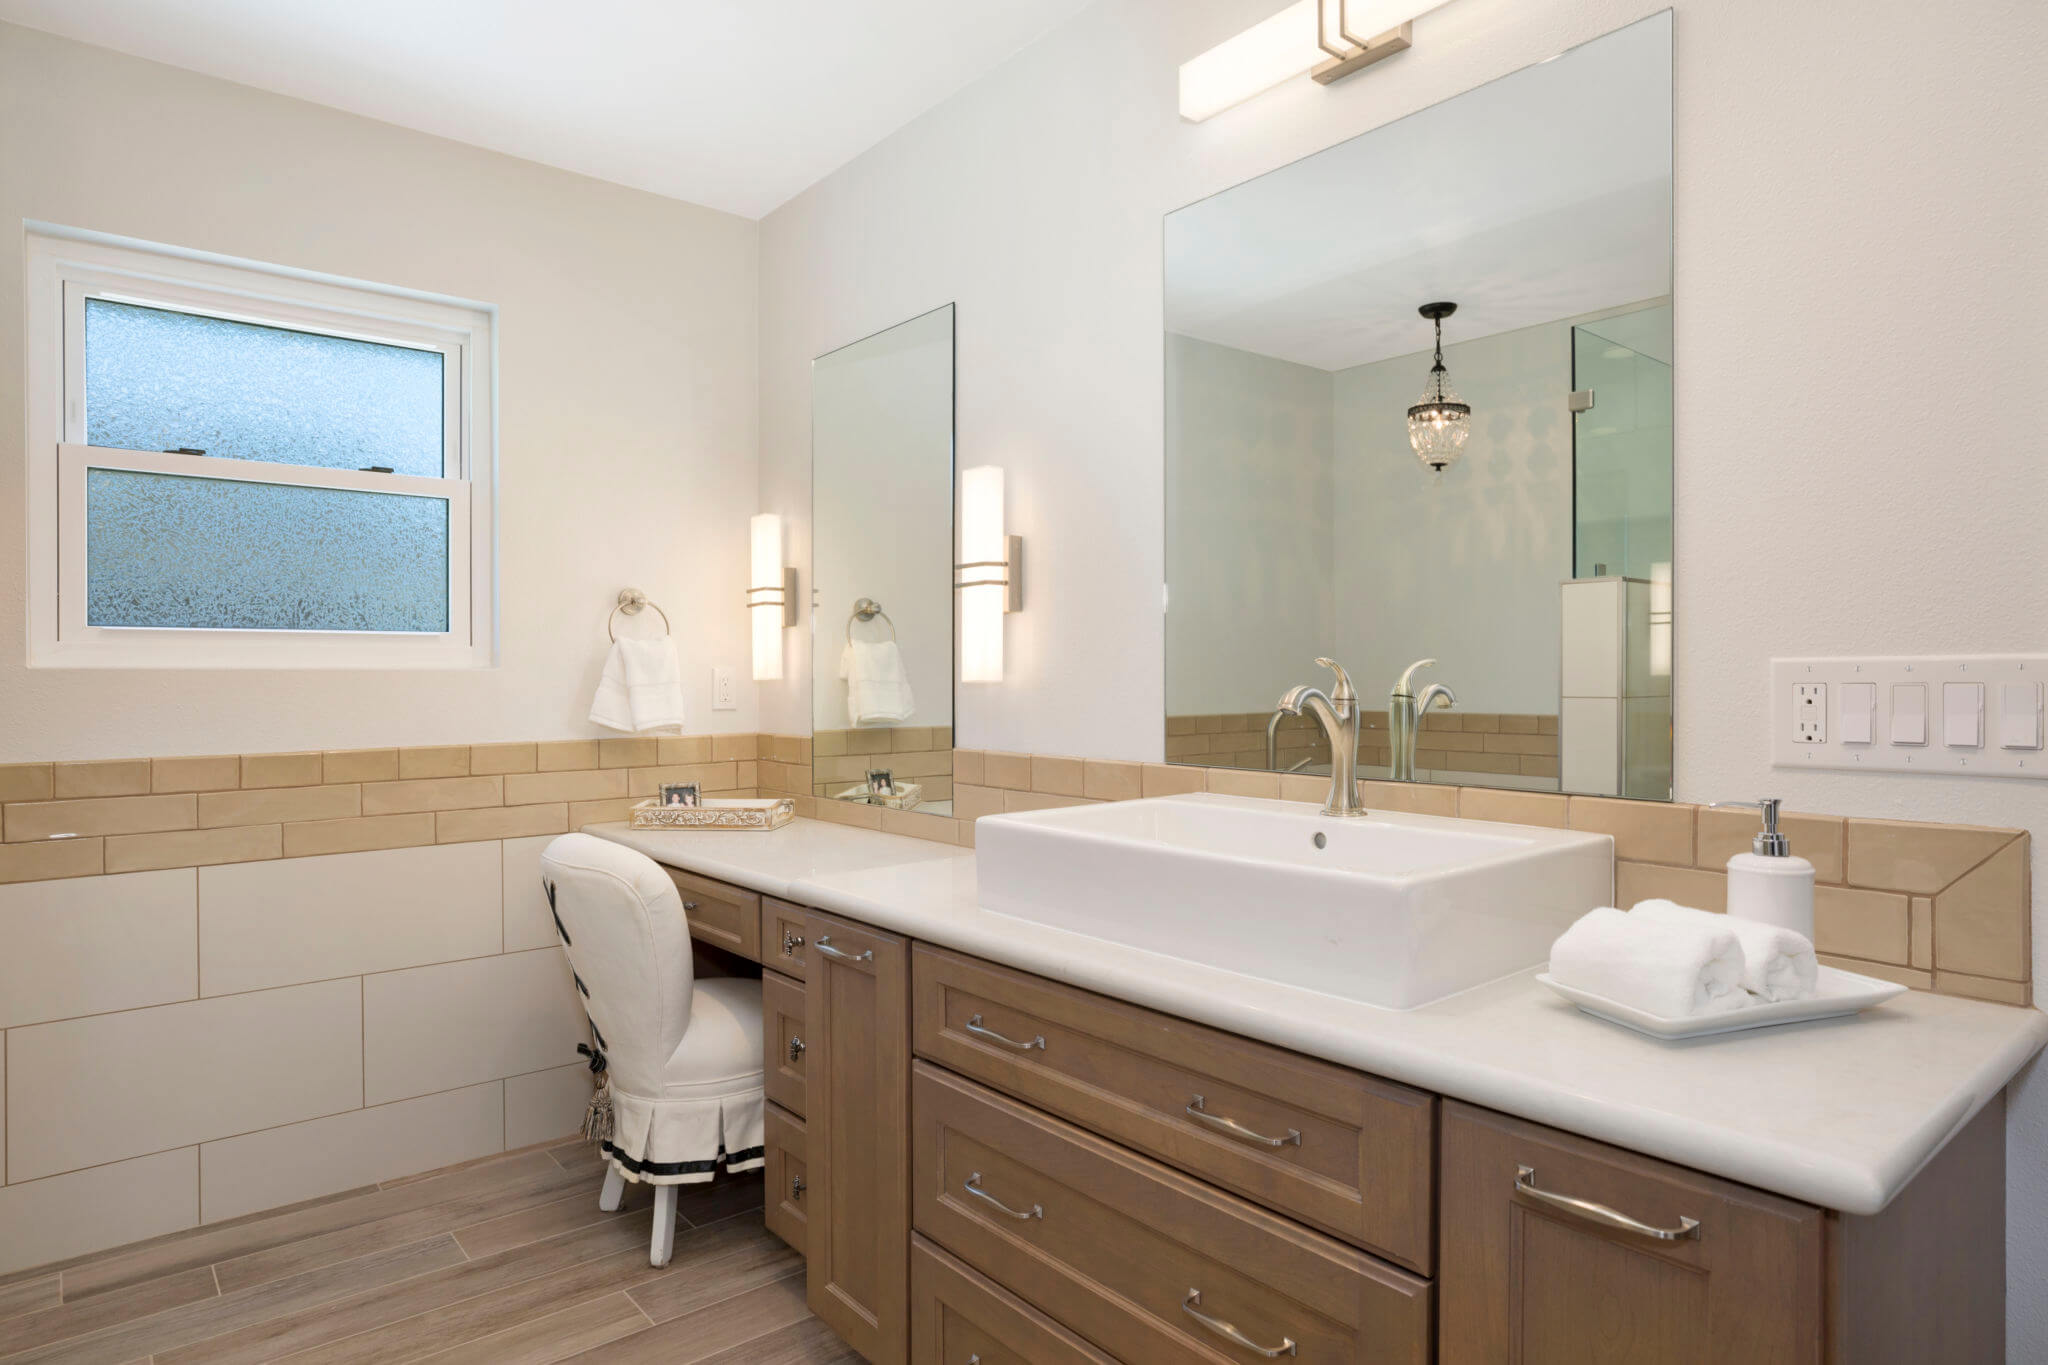 Master Bathroom Vanity Remodel, Remodeling Master Bathroom Orange County, Custom Master Bathroom Remodel